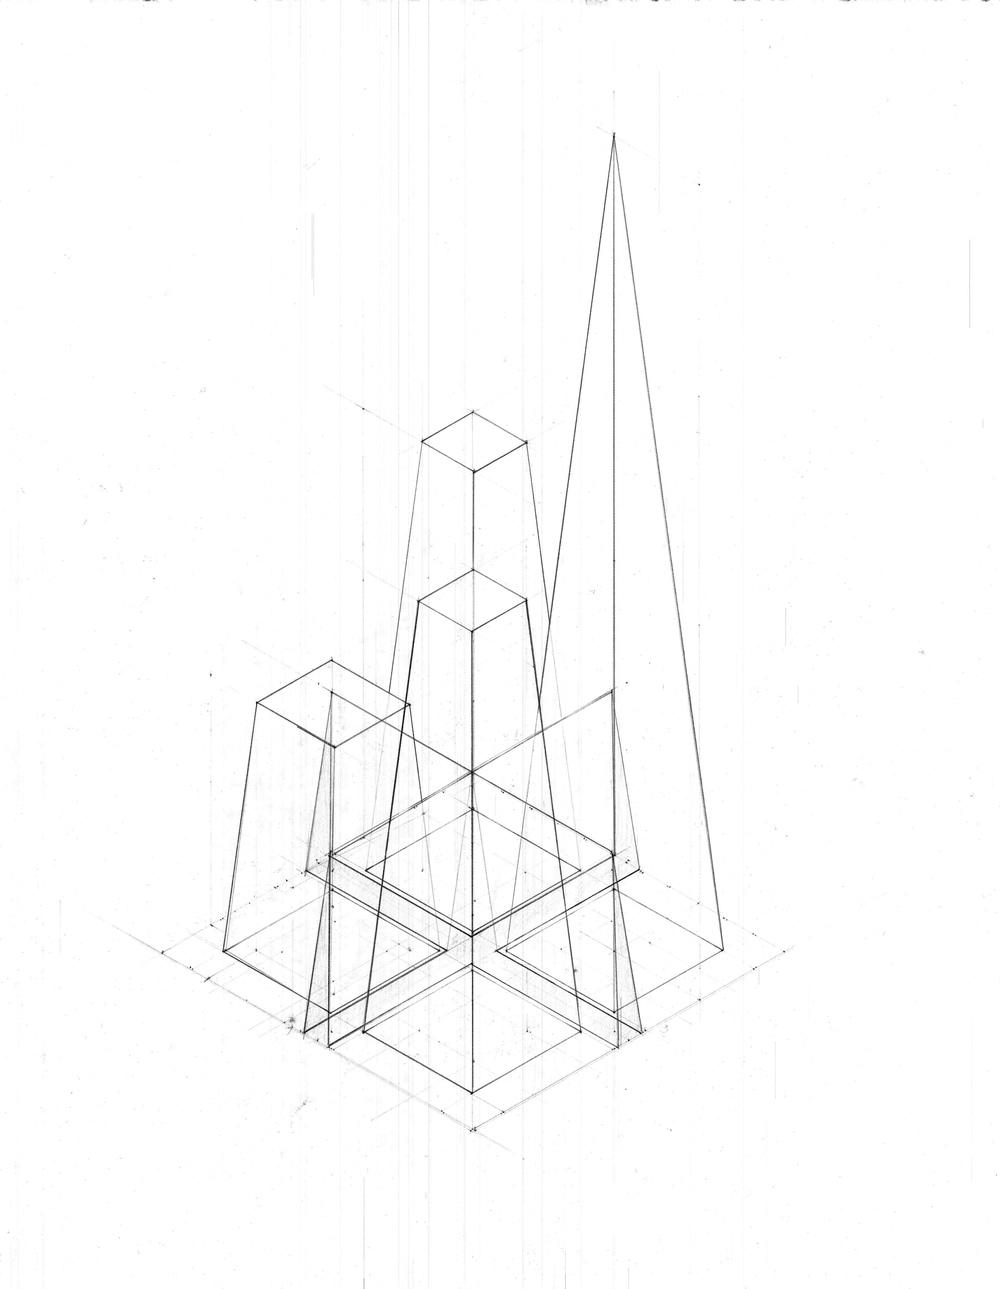 church axon copy.jpg